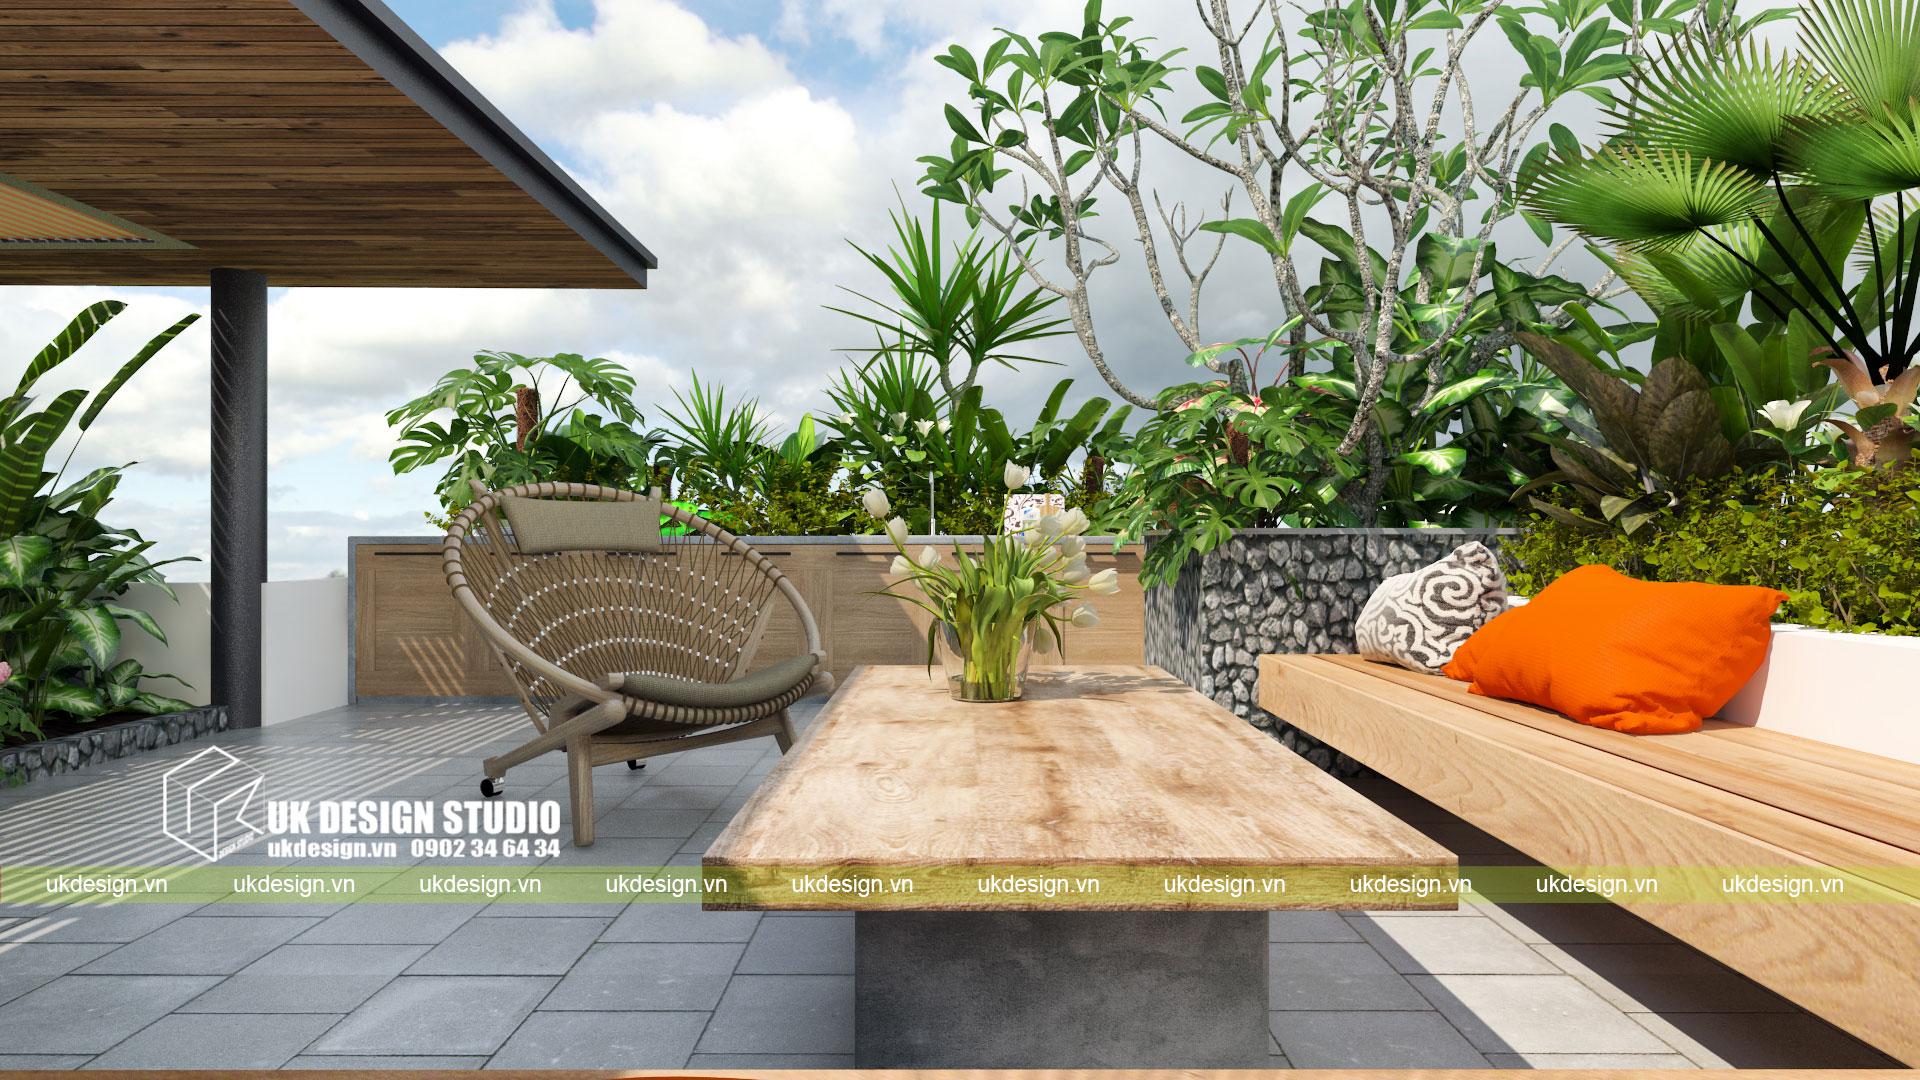 Thiết kế biệt thự vườn có hồ bơi ở Sài Gòn - 17